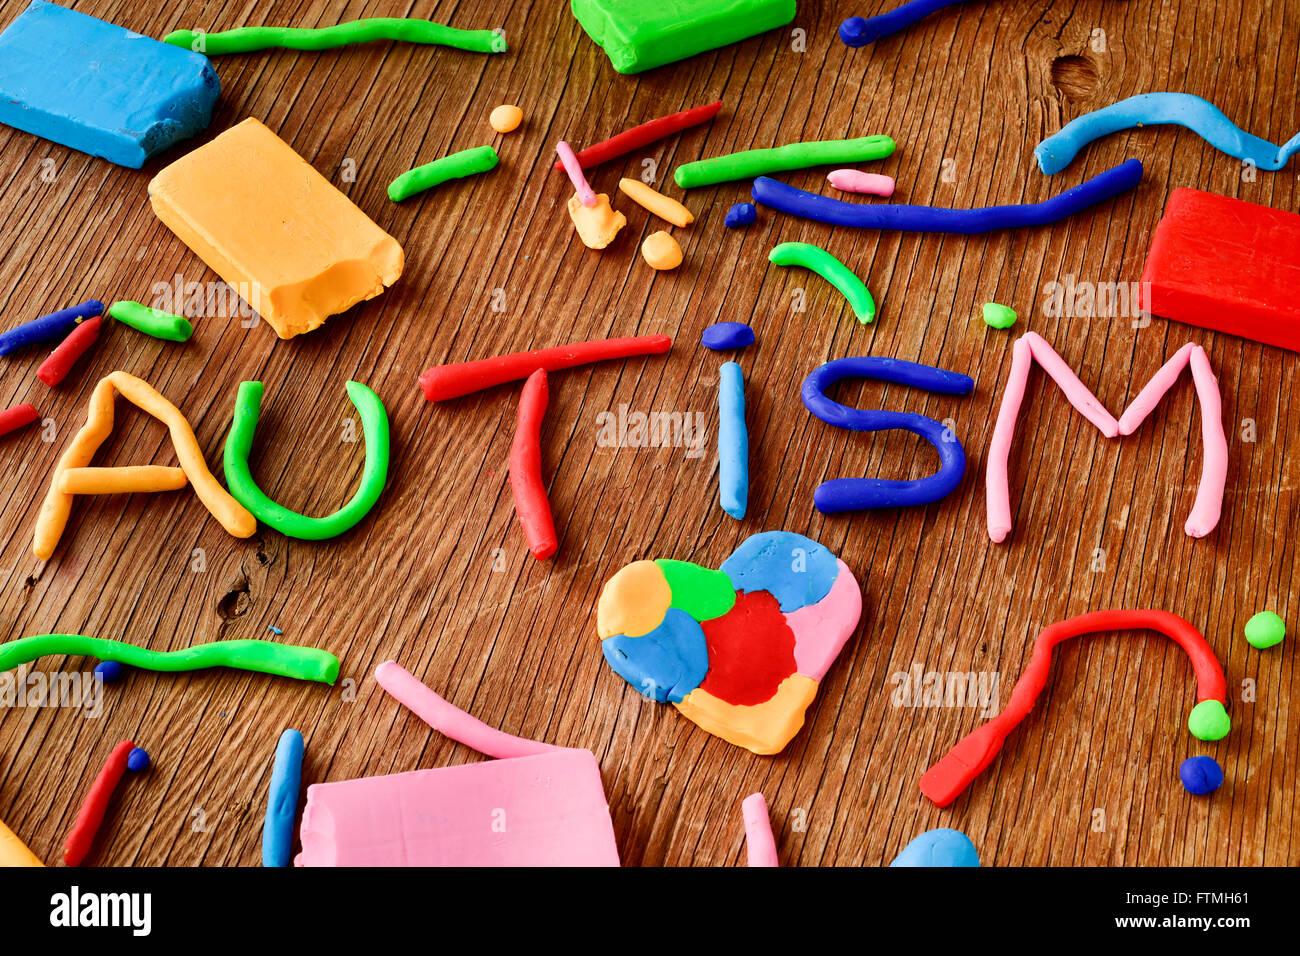 La palabra autismo hechas de plastilina de diferentes colores sobre una superficie de madera rústica Imagen De Stock